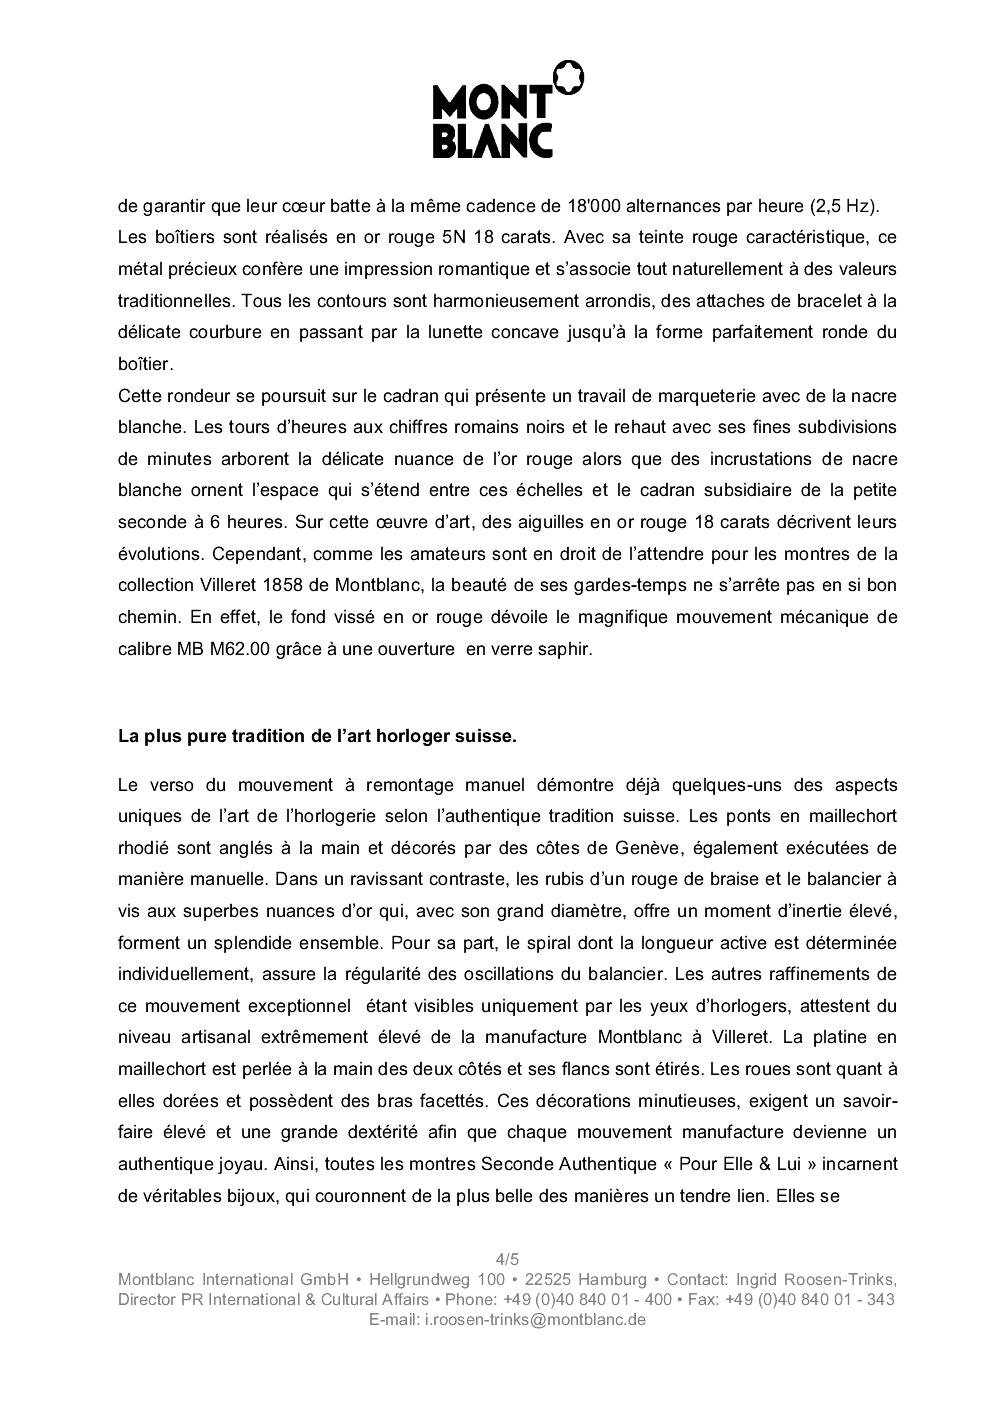 SIHH 2013 MONTBLANC Villeret Seconde Authentique 168hlxw